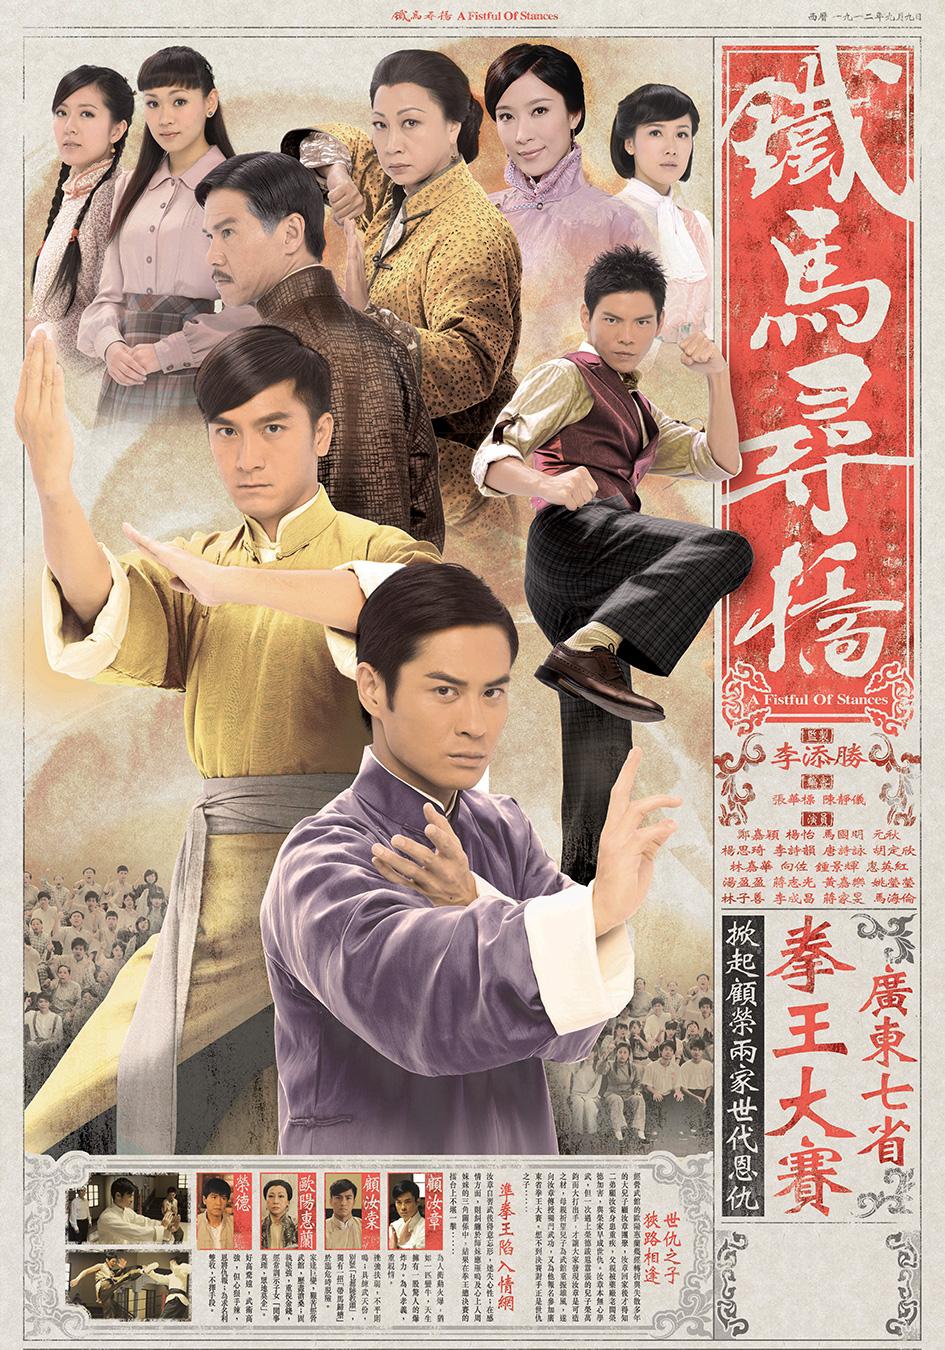 A Fistful of Stances (2010) / 鐵馬尋橋